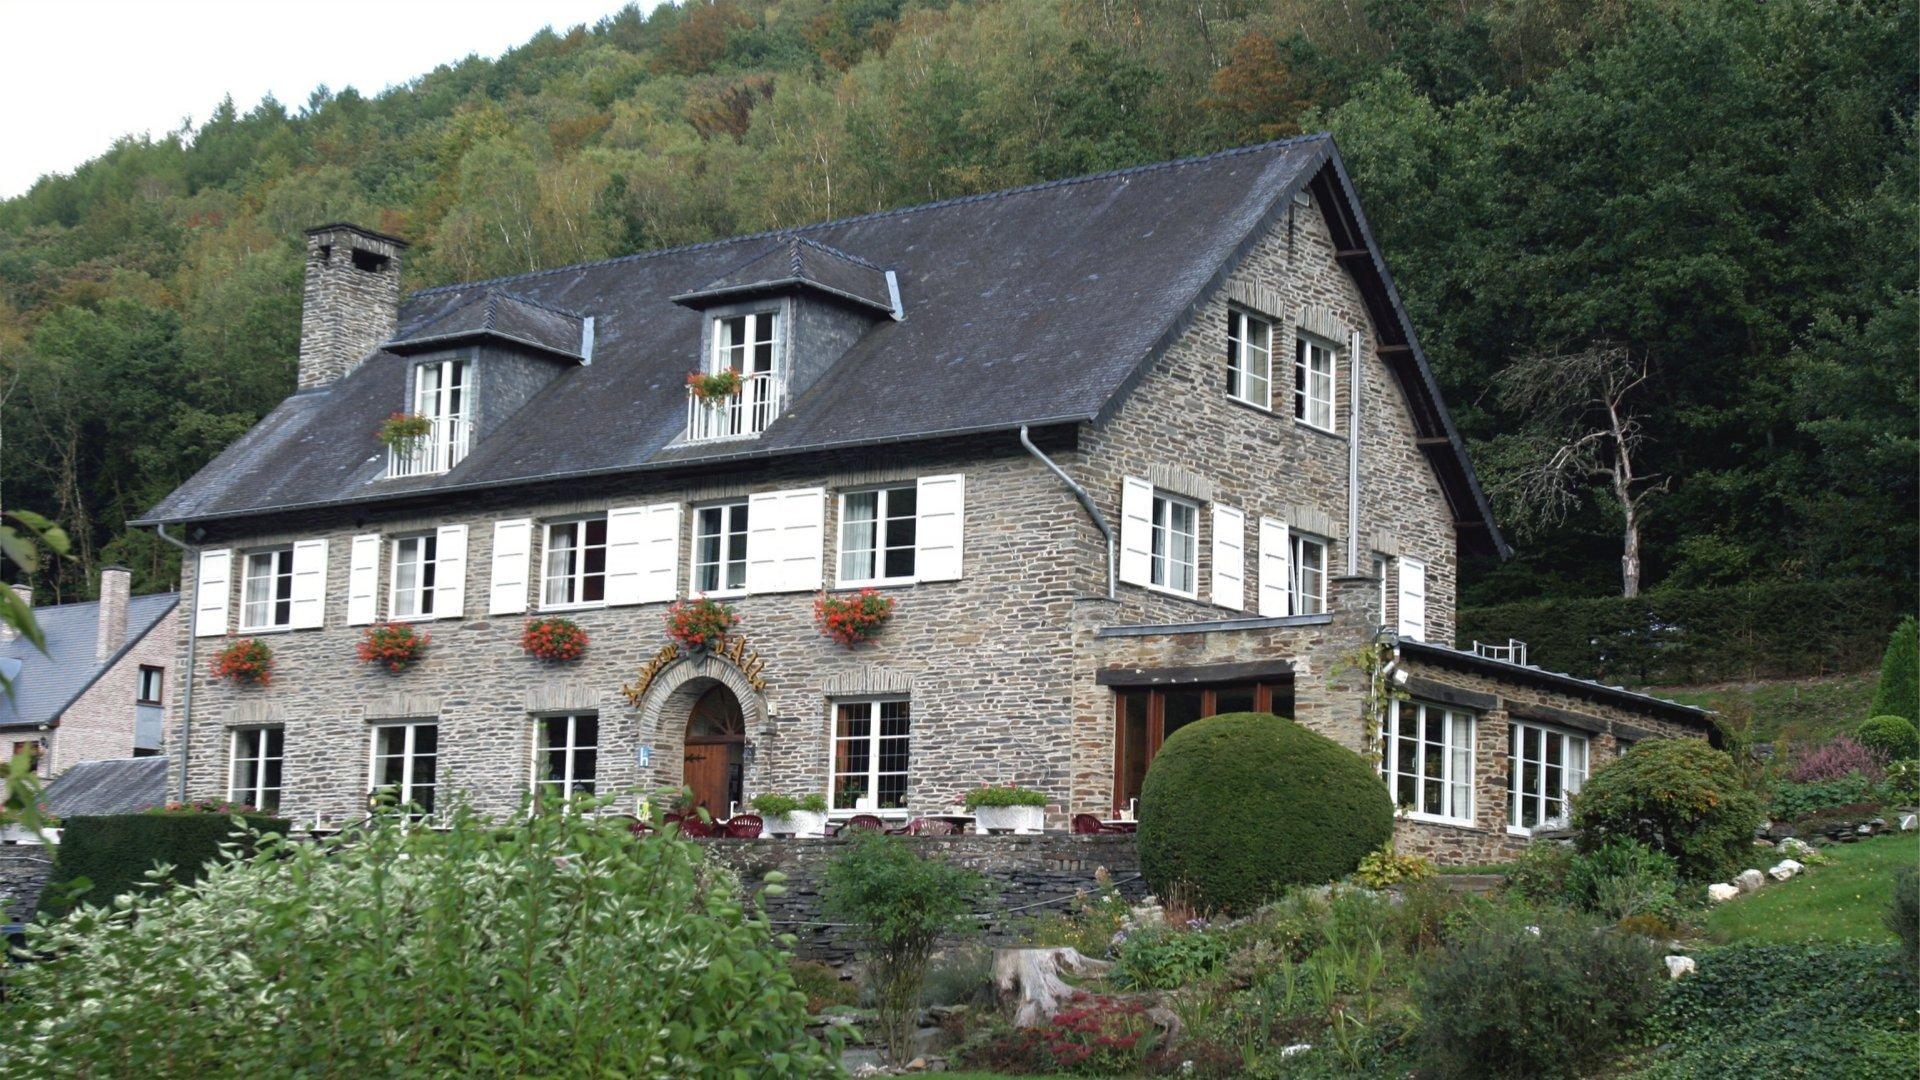 Dagaanbieding - 3 of 4 dagen in de Belgische Ardennen incl. culinair 4-gangendiner dagelijkse koopjes